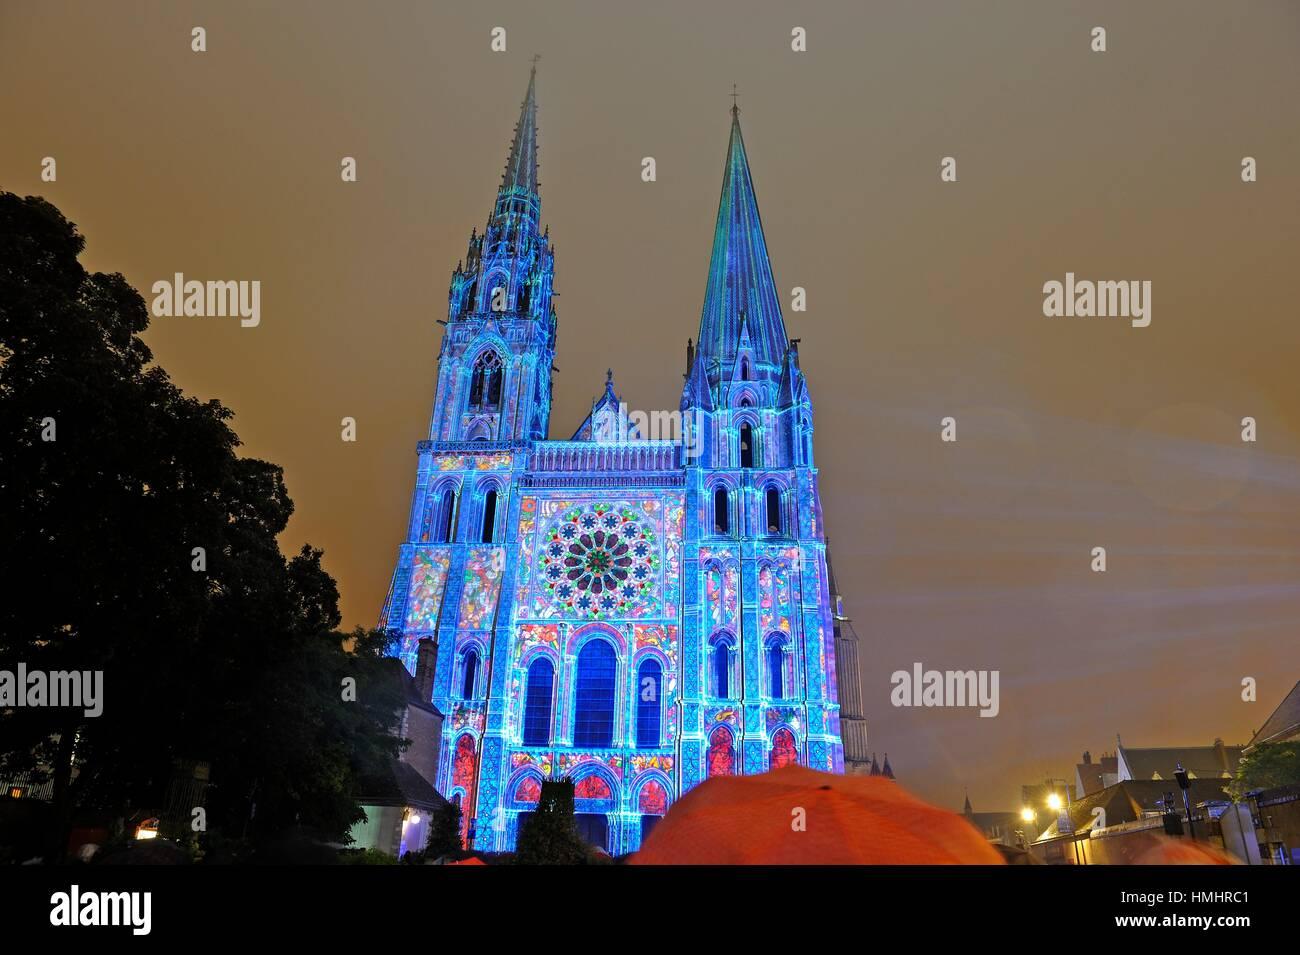 Beleuchtung an der Südfassade der Kathedrale von Chartres, Eure-et-Loir Abteilung, Region Centre, Frankreich, Stockbild